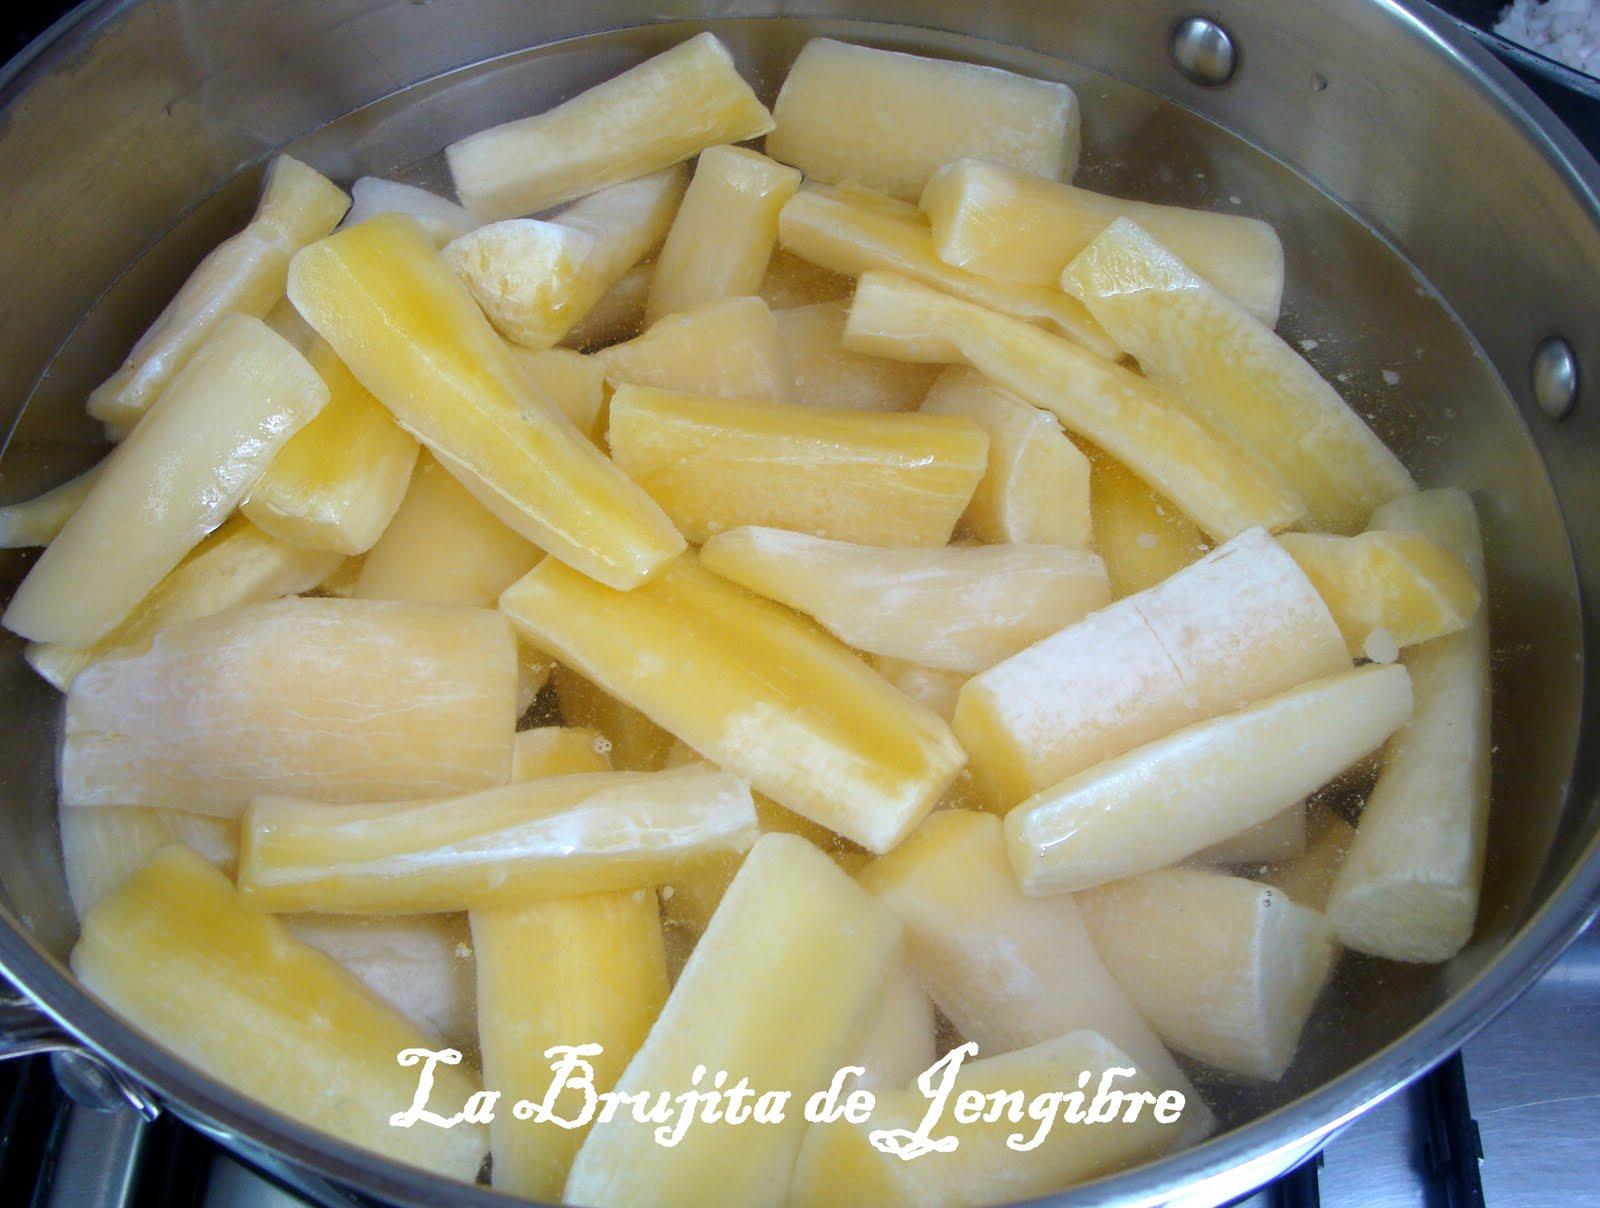 La brujita de jengibre pur de yuca antiguo hechizo en - Como cocinar yuca ...